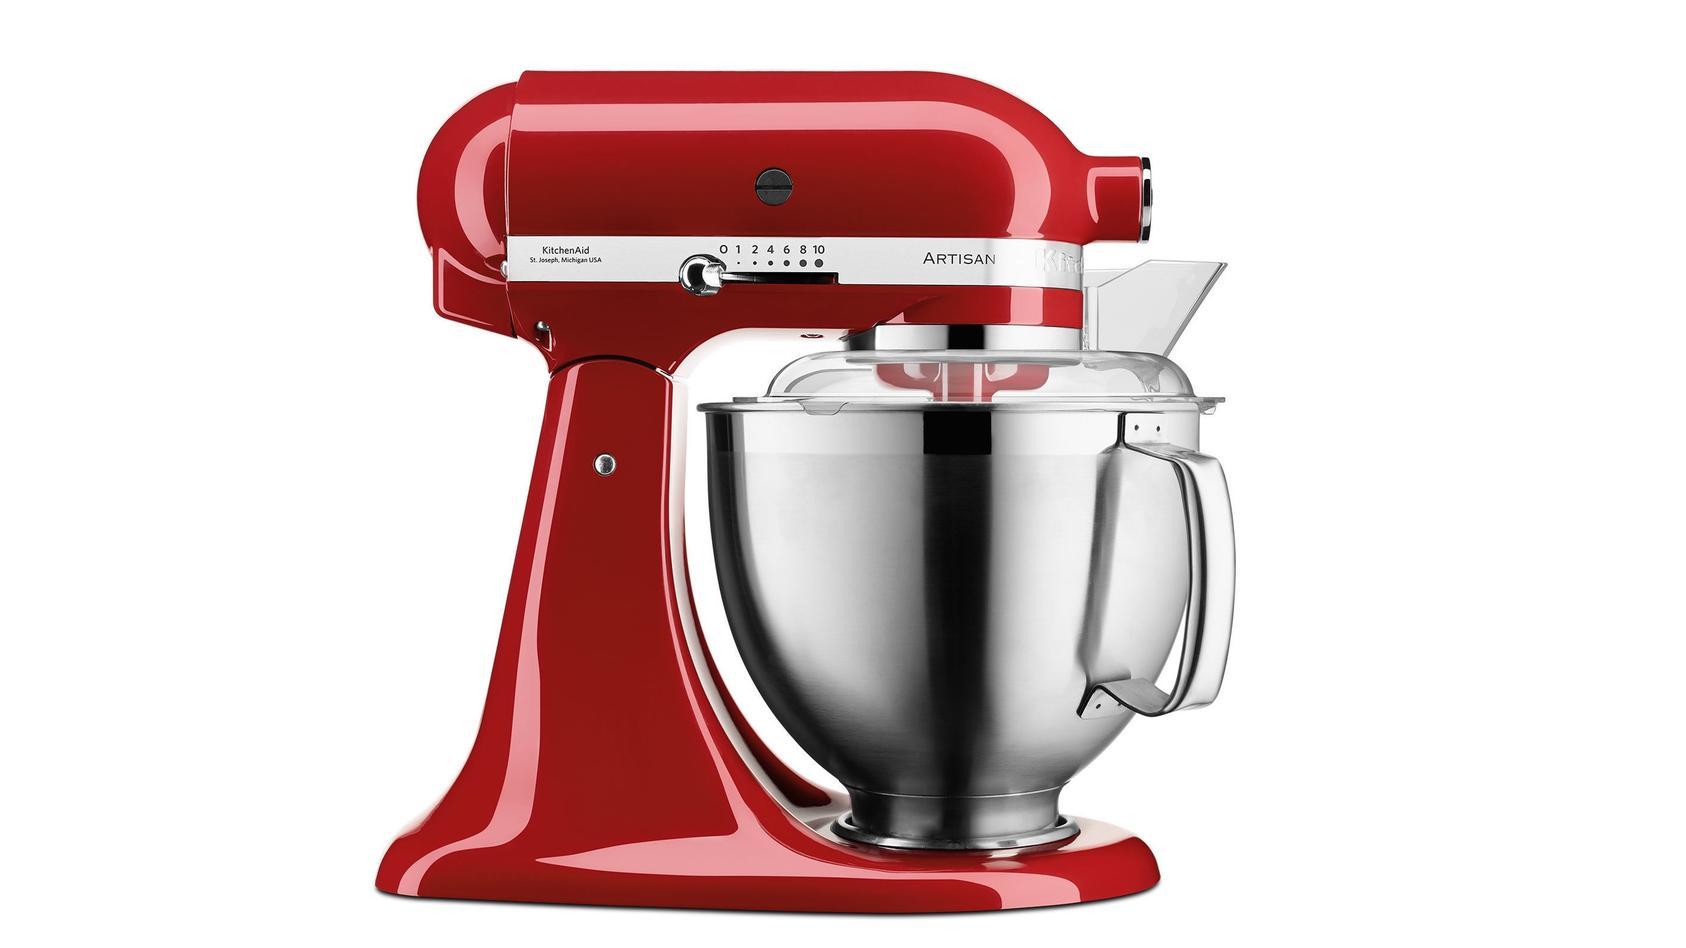 Die KitchenAid Artisan gibt es bei Media Markt jetzt zum Bestpreis.